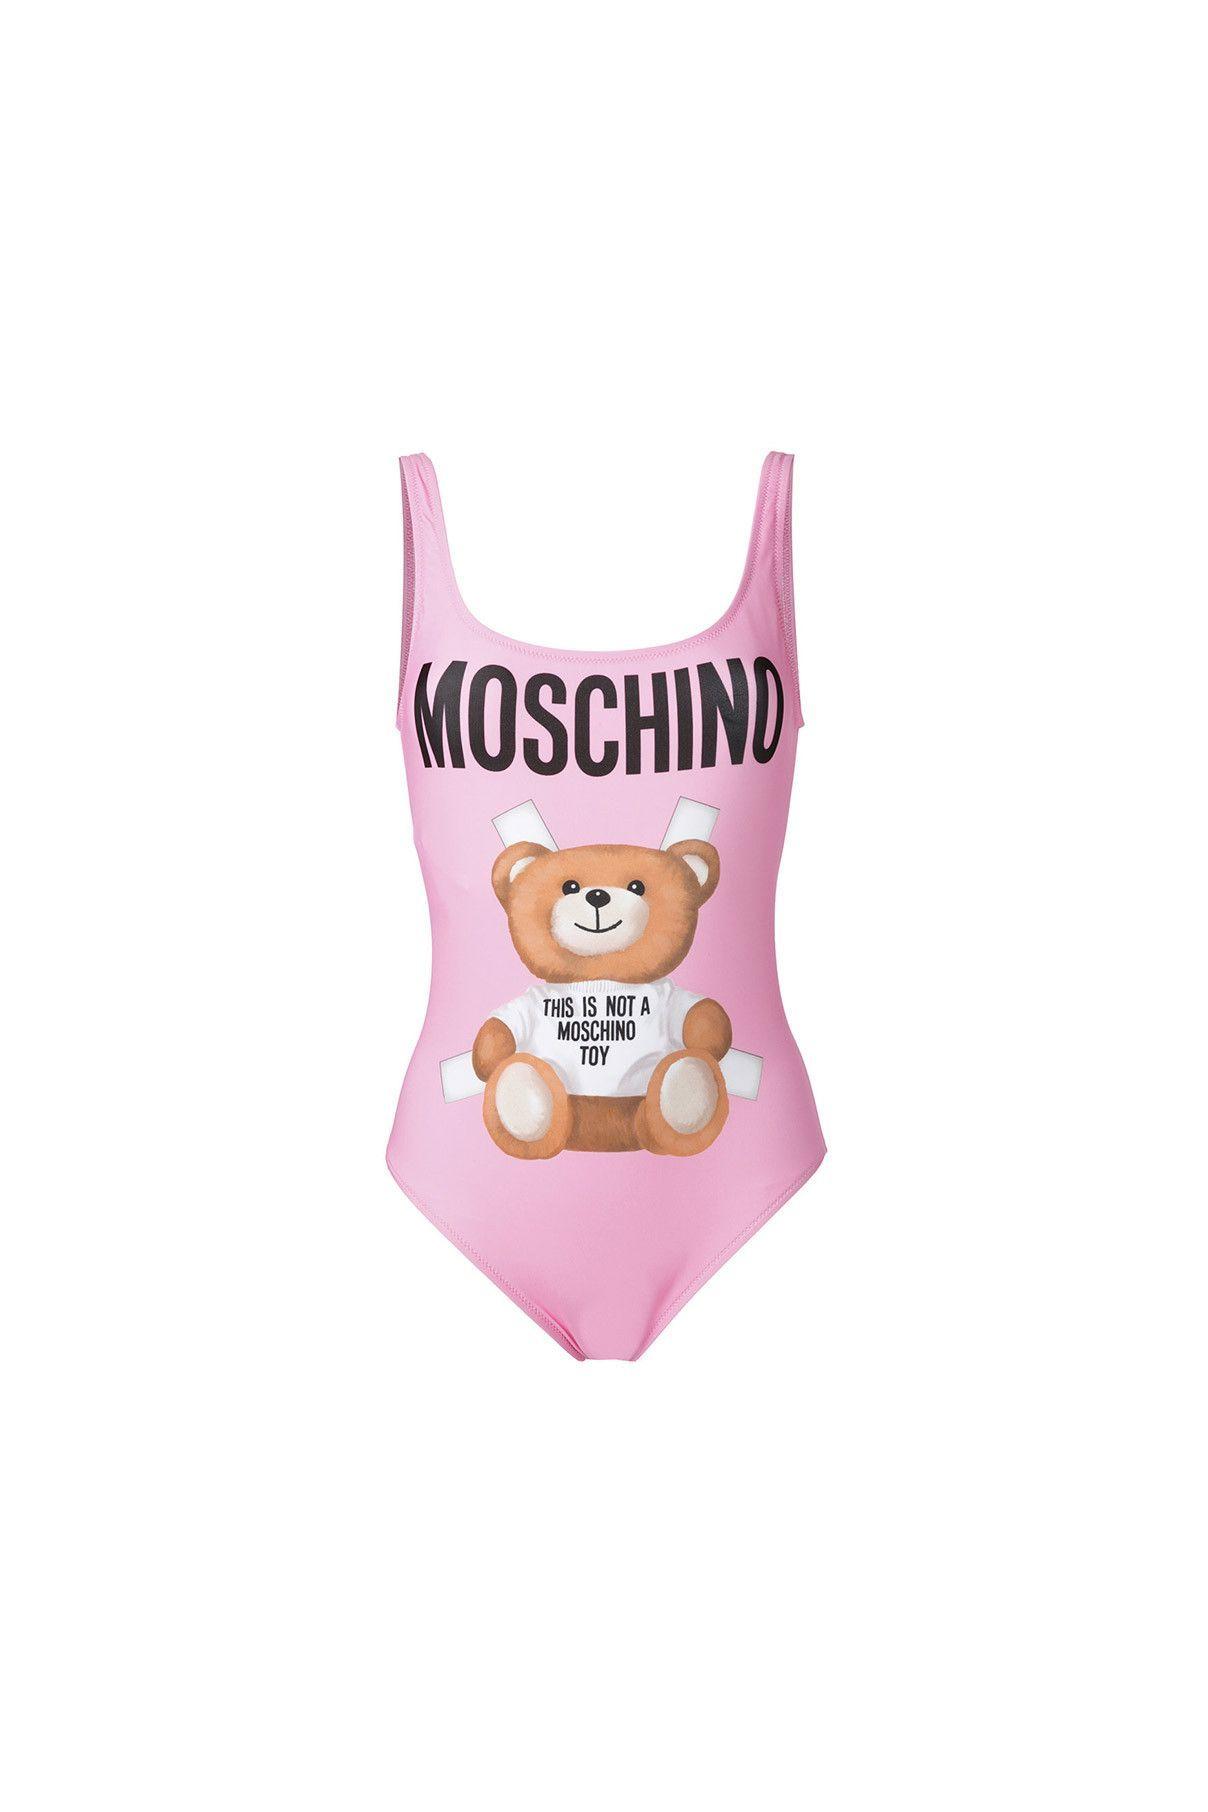 ae469befbb9b0 {Moschino Swim / 01 clothing / 08 swimwear / 01 one-piece} Teddy Bear Logo  One Piece Swimsuit